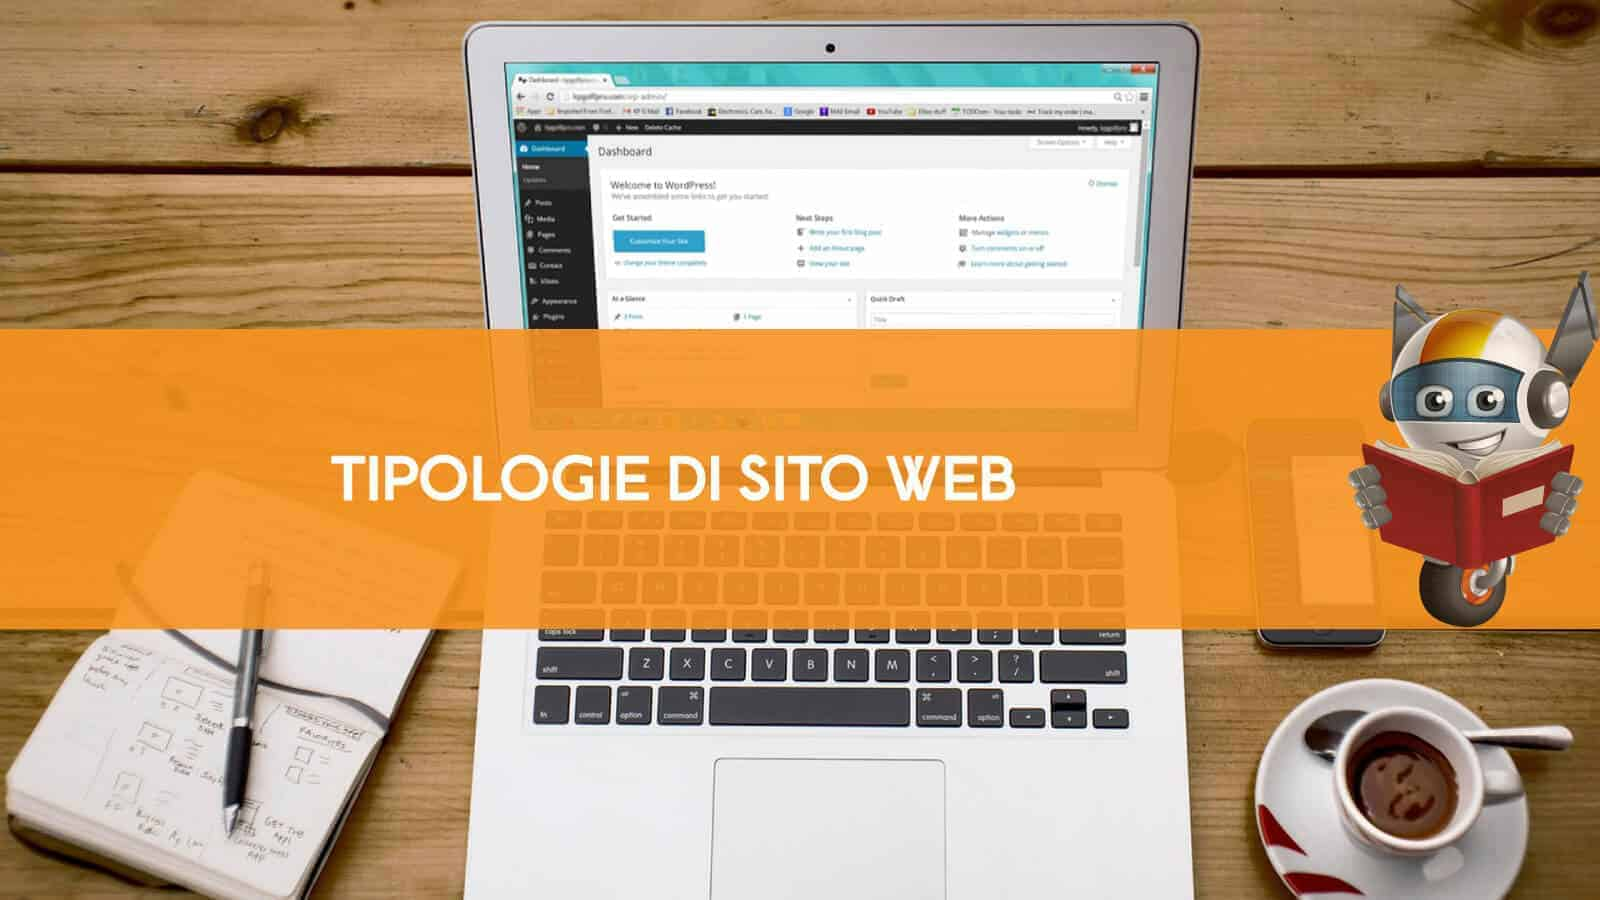 Copertina QD Post 2019-09-12 - Tipologie di Sito Web